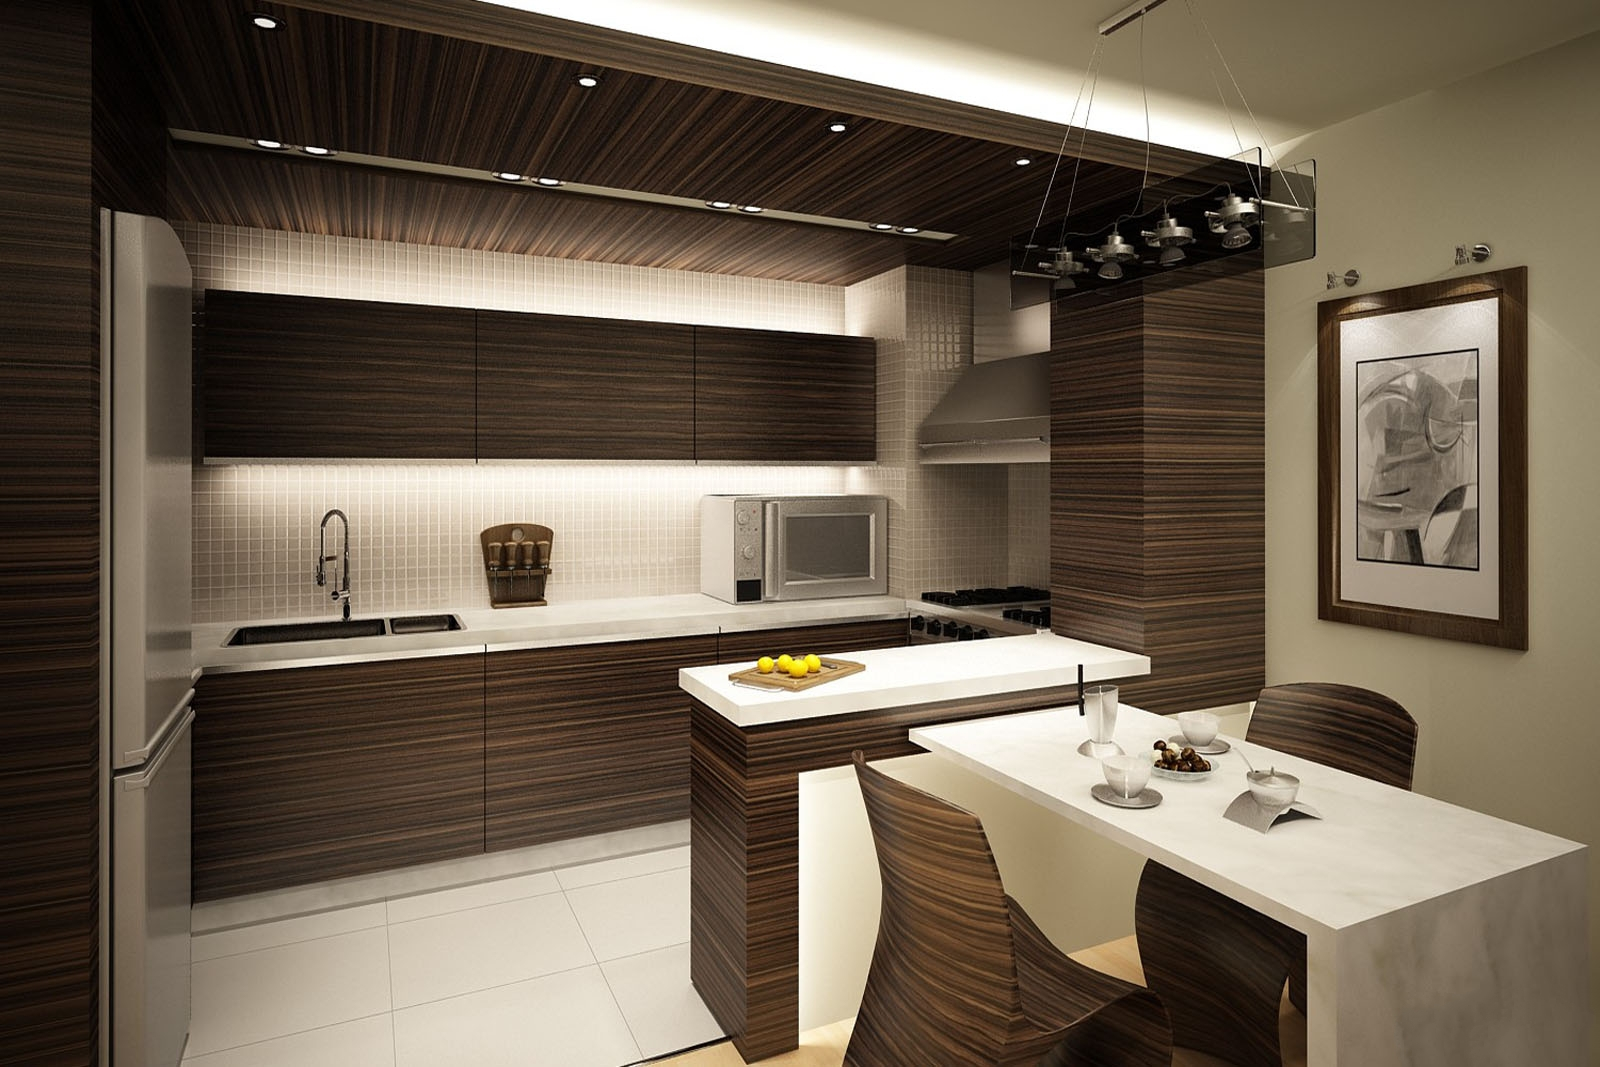 طراحی دکوراسیون آشپزخانه 2017